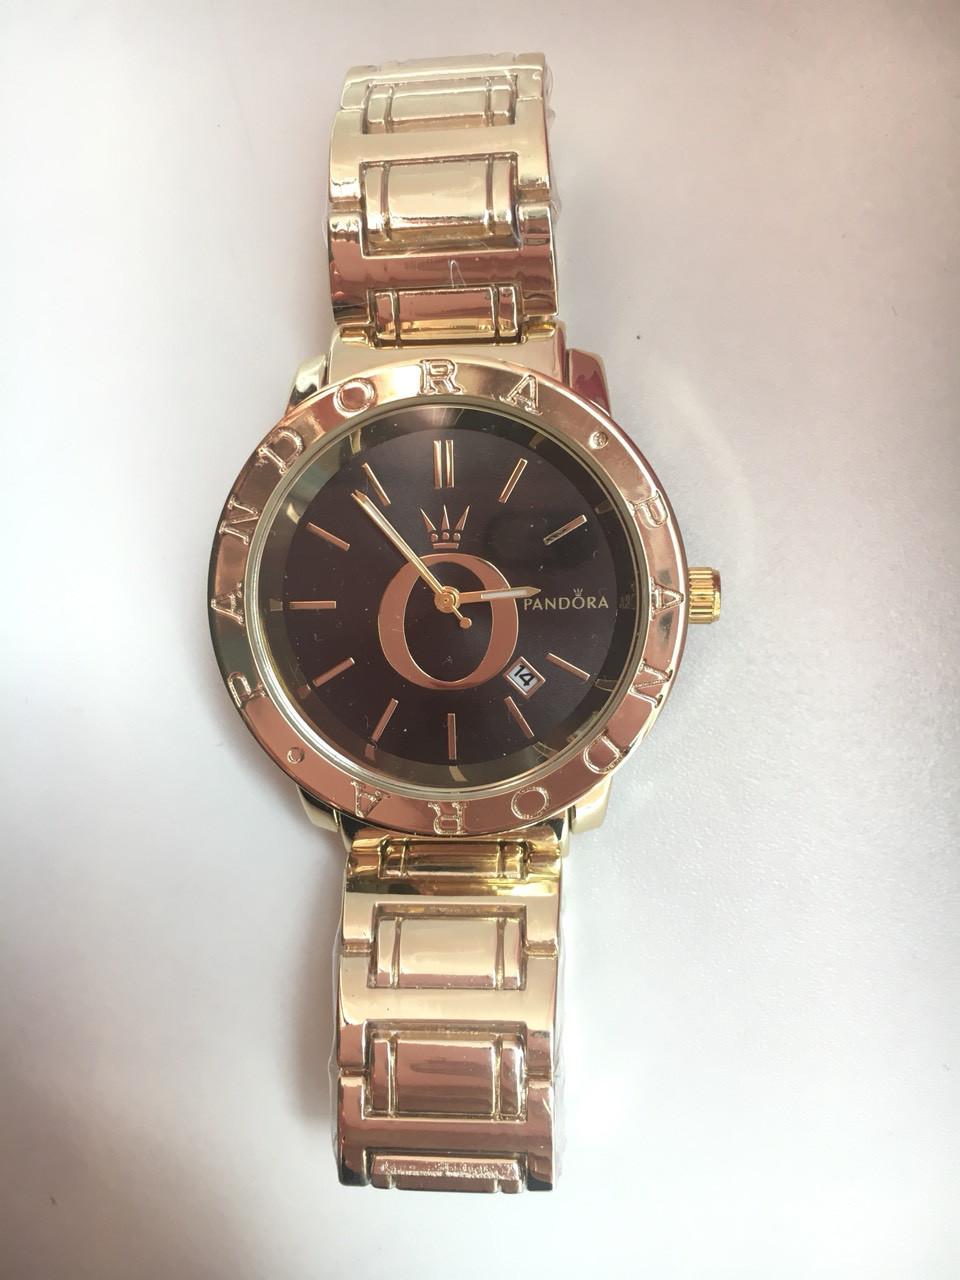 Женские наручные часы Pandora цвета золото с черным циферблатом Пандора